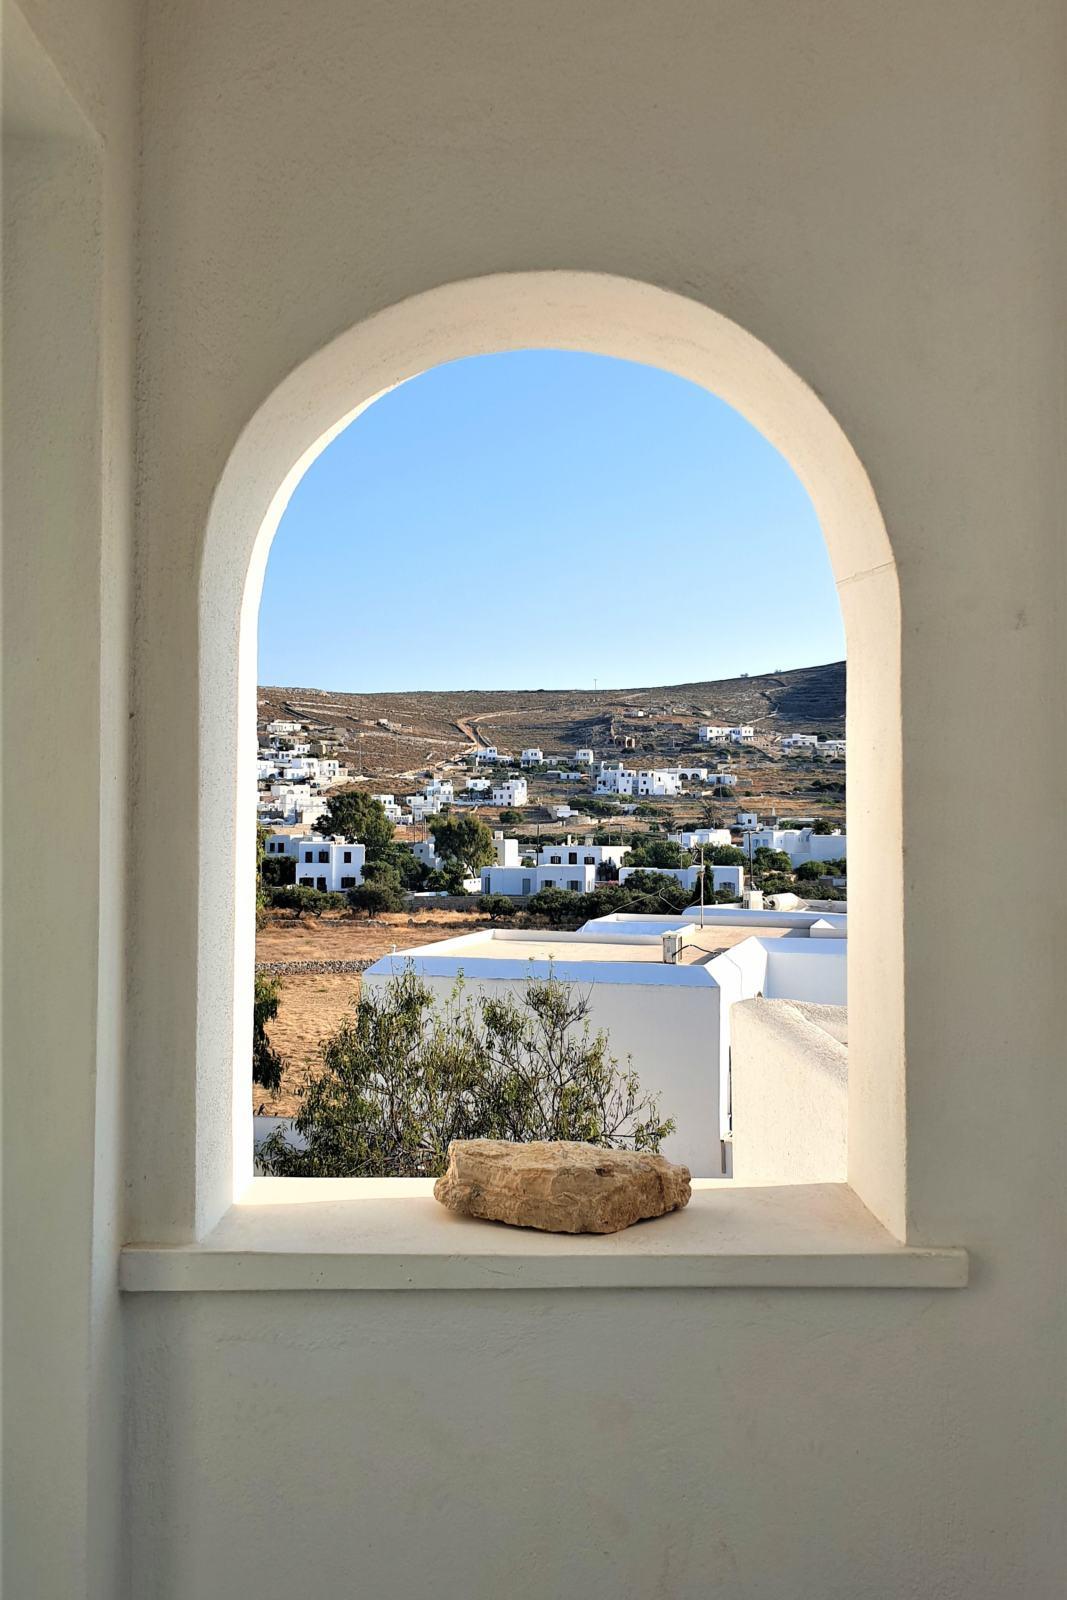 Chora - Folegandros